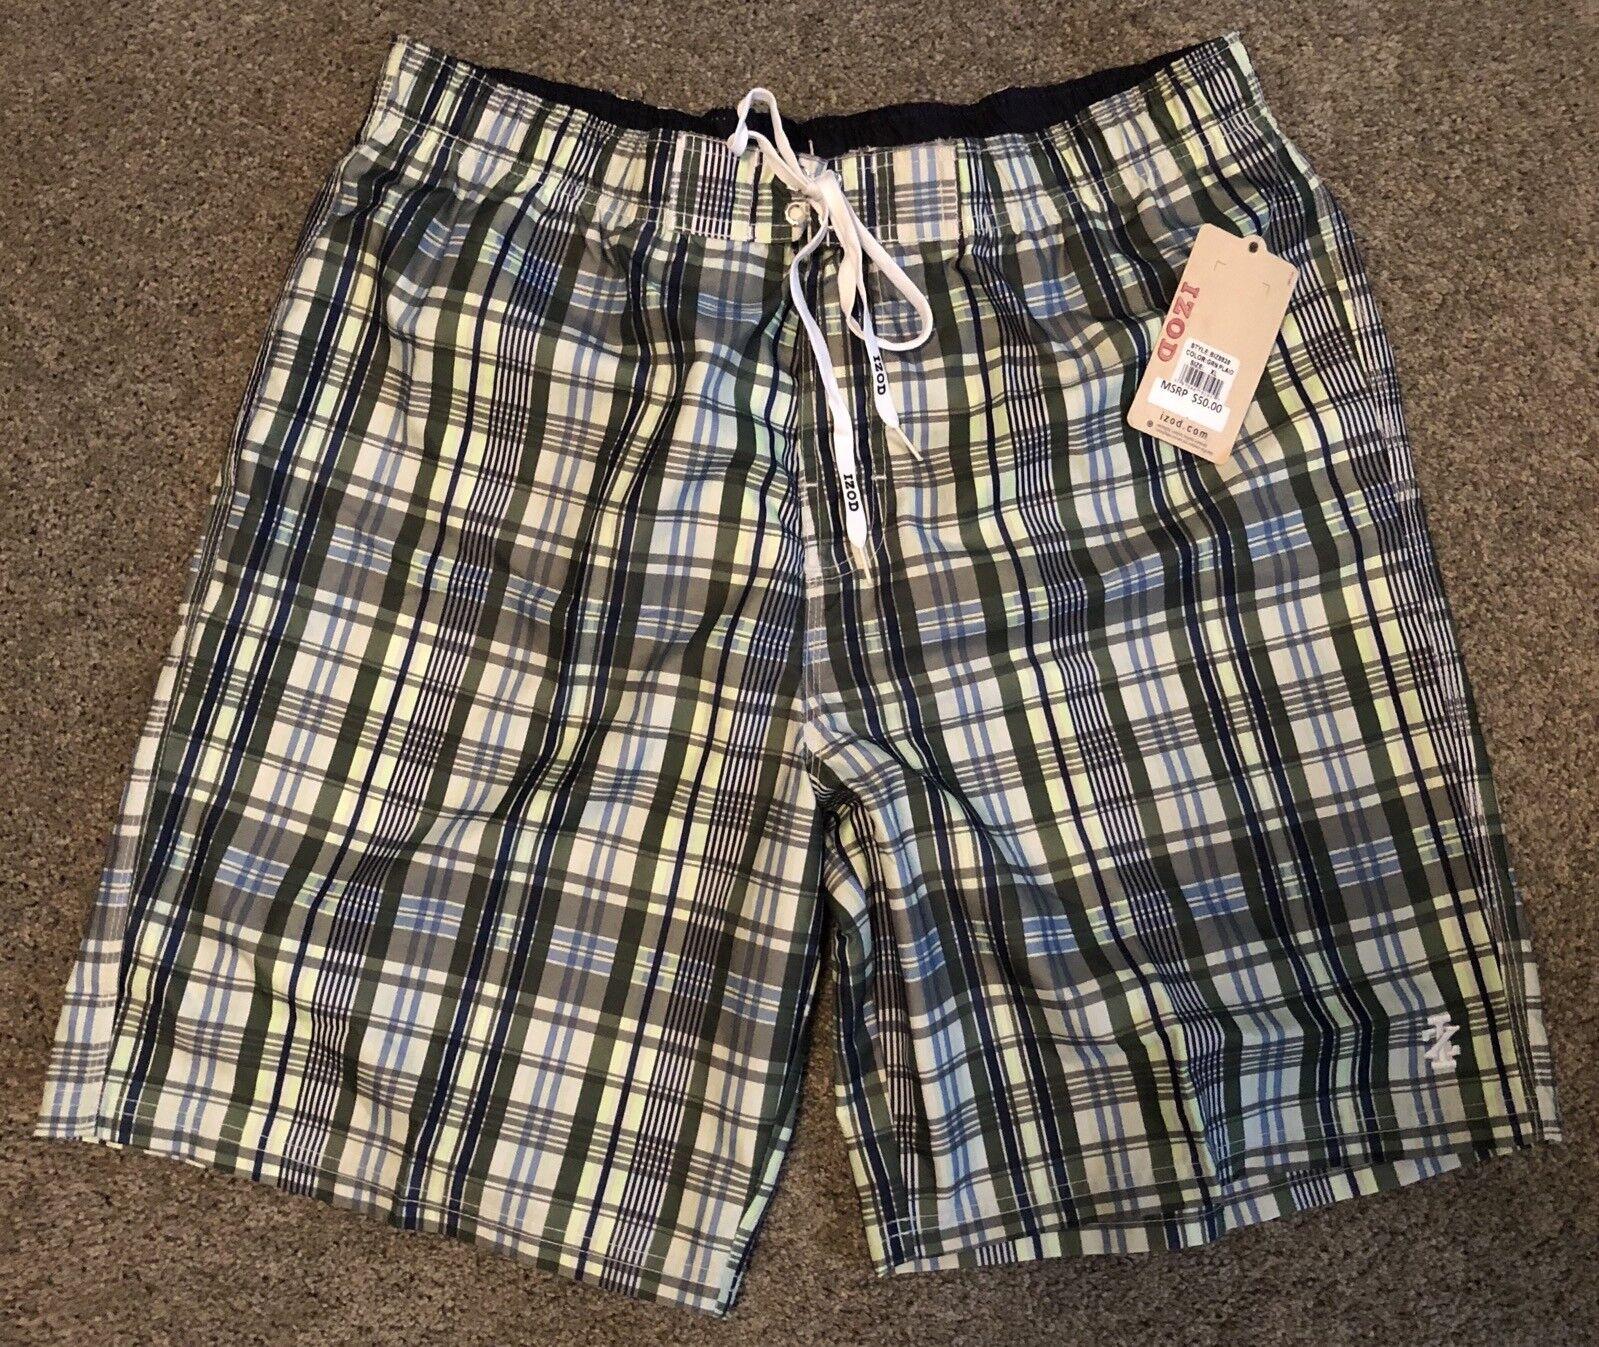 IZOD Swimwear Mens XL Swim Trunks Board Shorts Green Plaid NWT